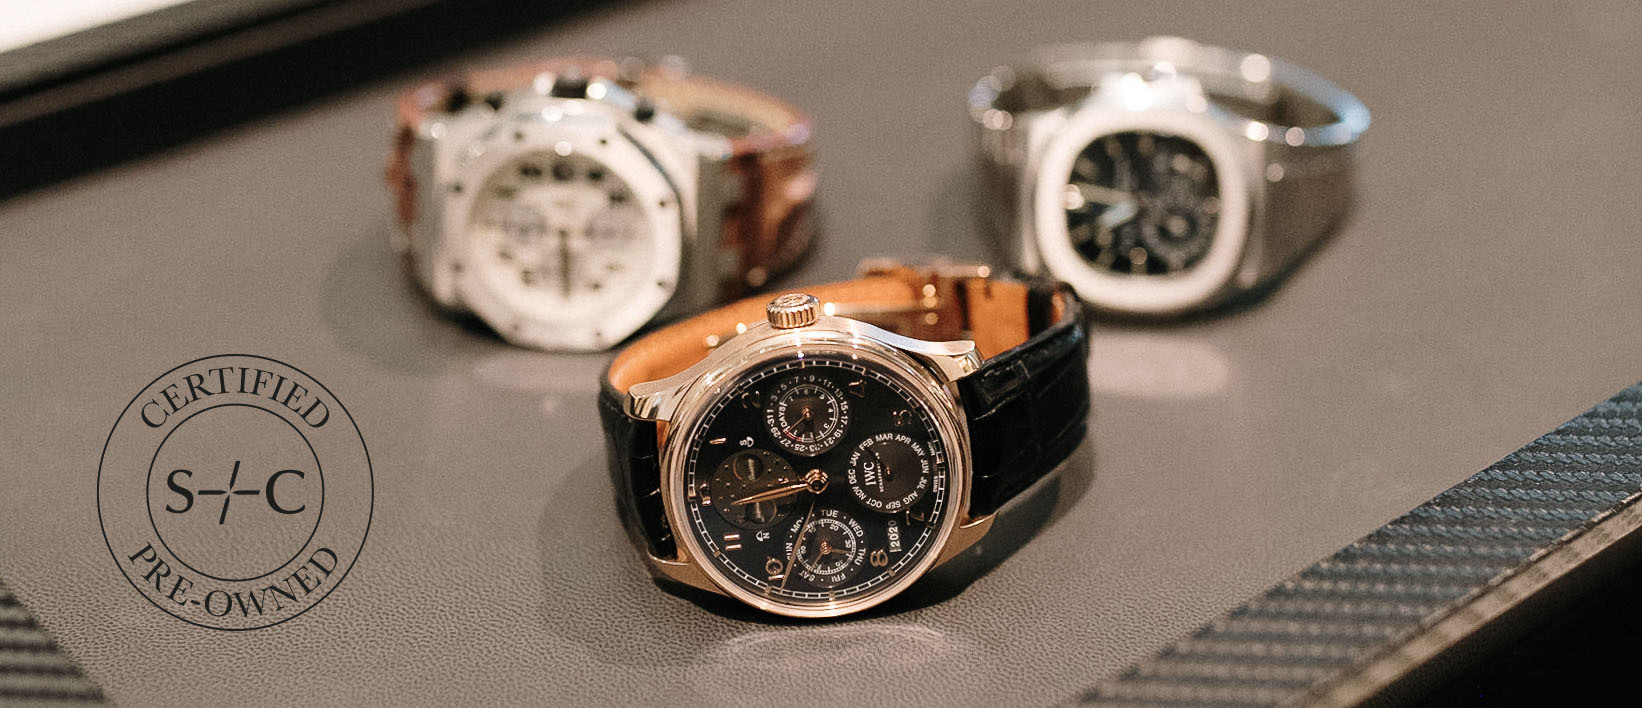 Koop nu een pre-owned horloge voor de kerst!